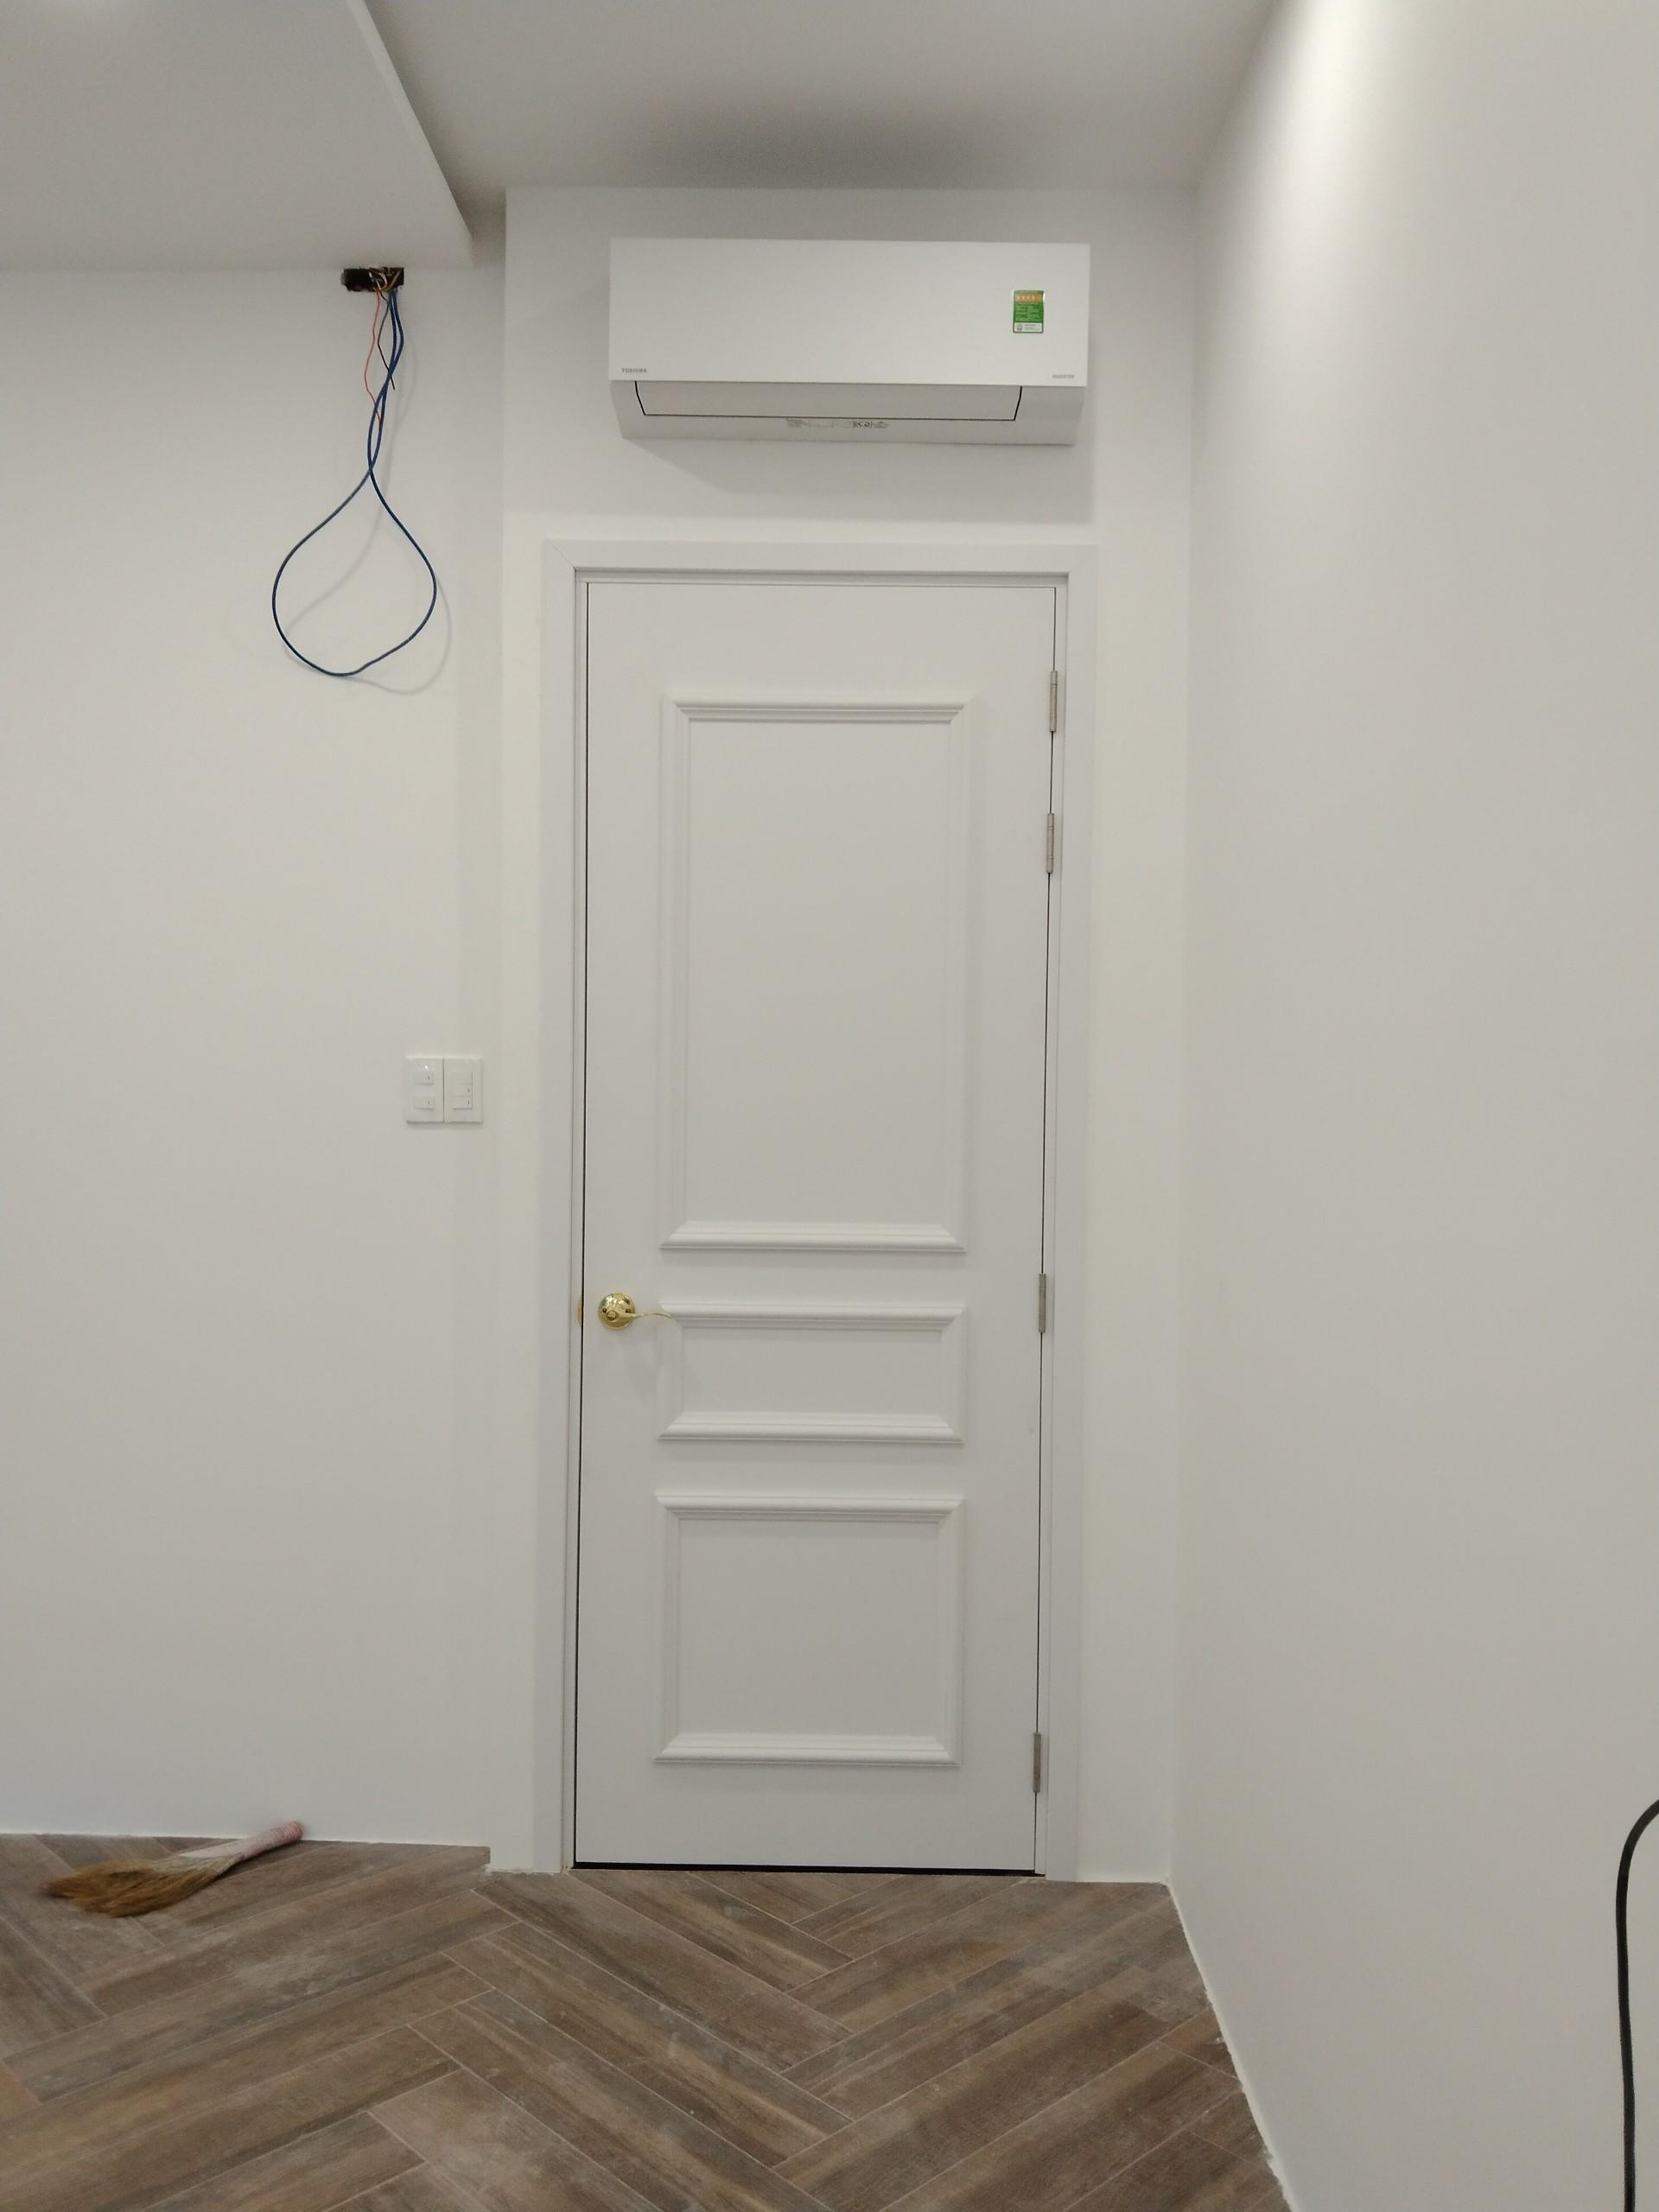 Mẫu cửa nhựa Composite sơn PU chạy chỉ nổi tân cổ điển.